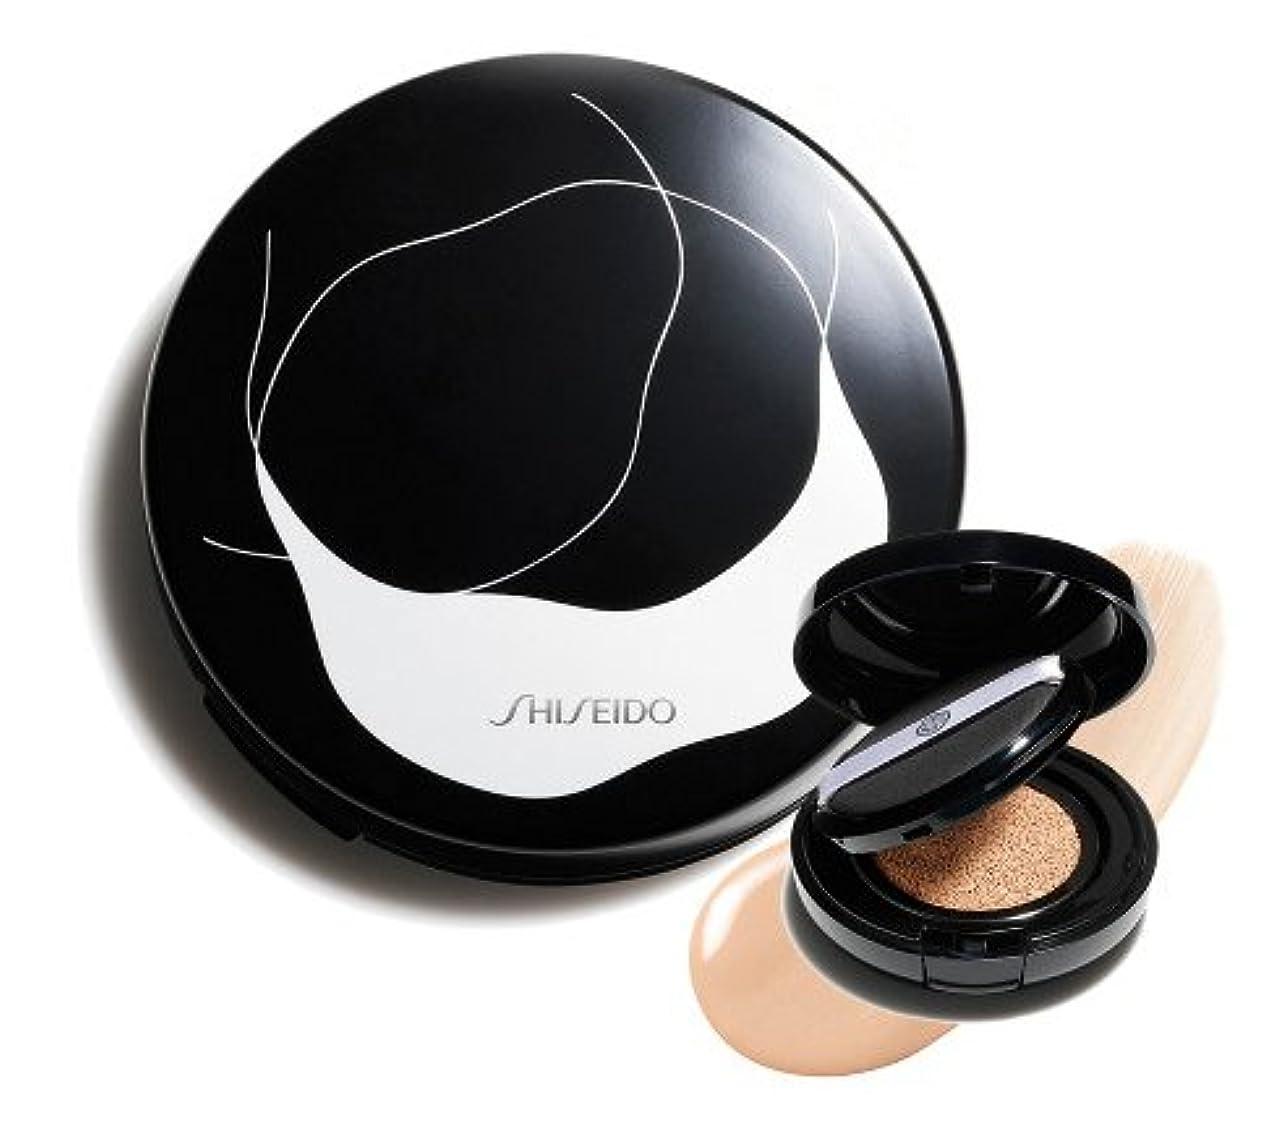 ワーム状態従来のSHISEIDO 資生堂 シンクロスキン グロー クッションコンパクト オークル20 Golden3 - レフィル&ケースのセット